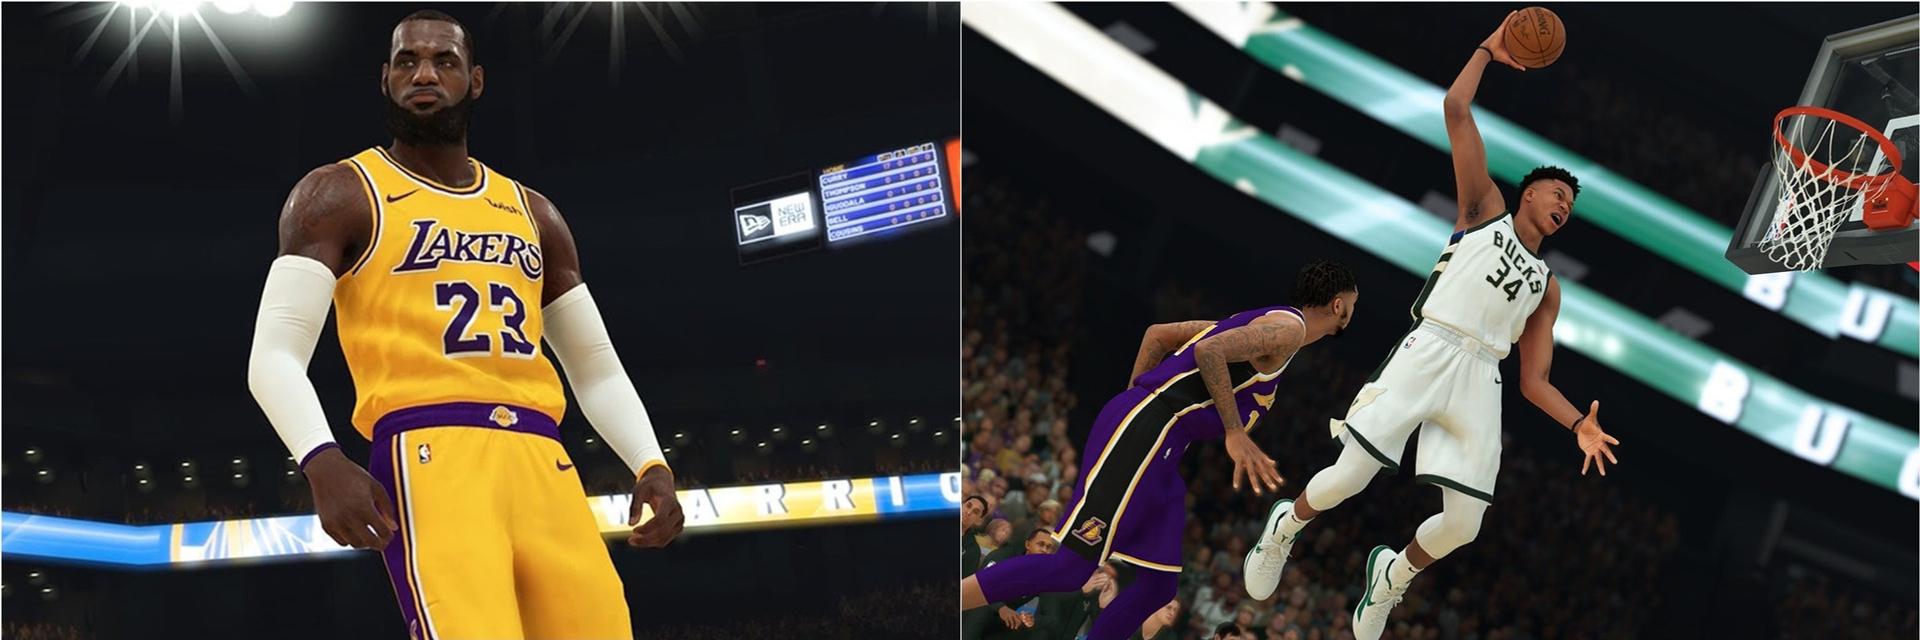 【講 GAME 話】新增霸氣「宰制」模式!《NBA 2K19》真實感全面提升 跟球星一起熱血打球!